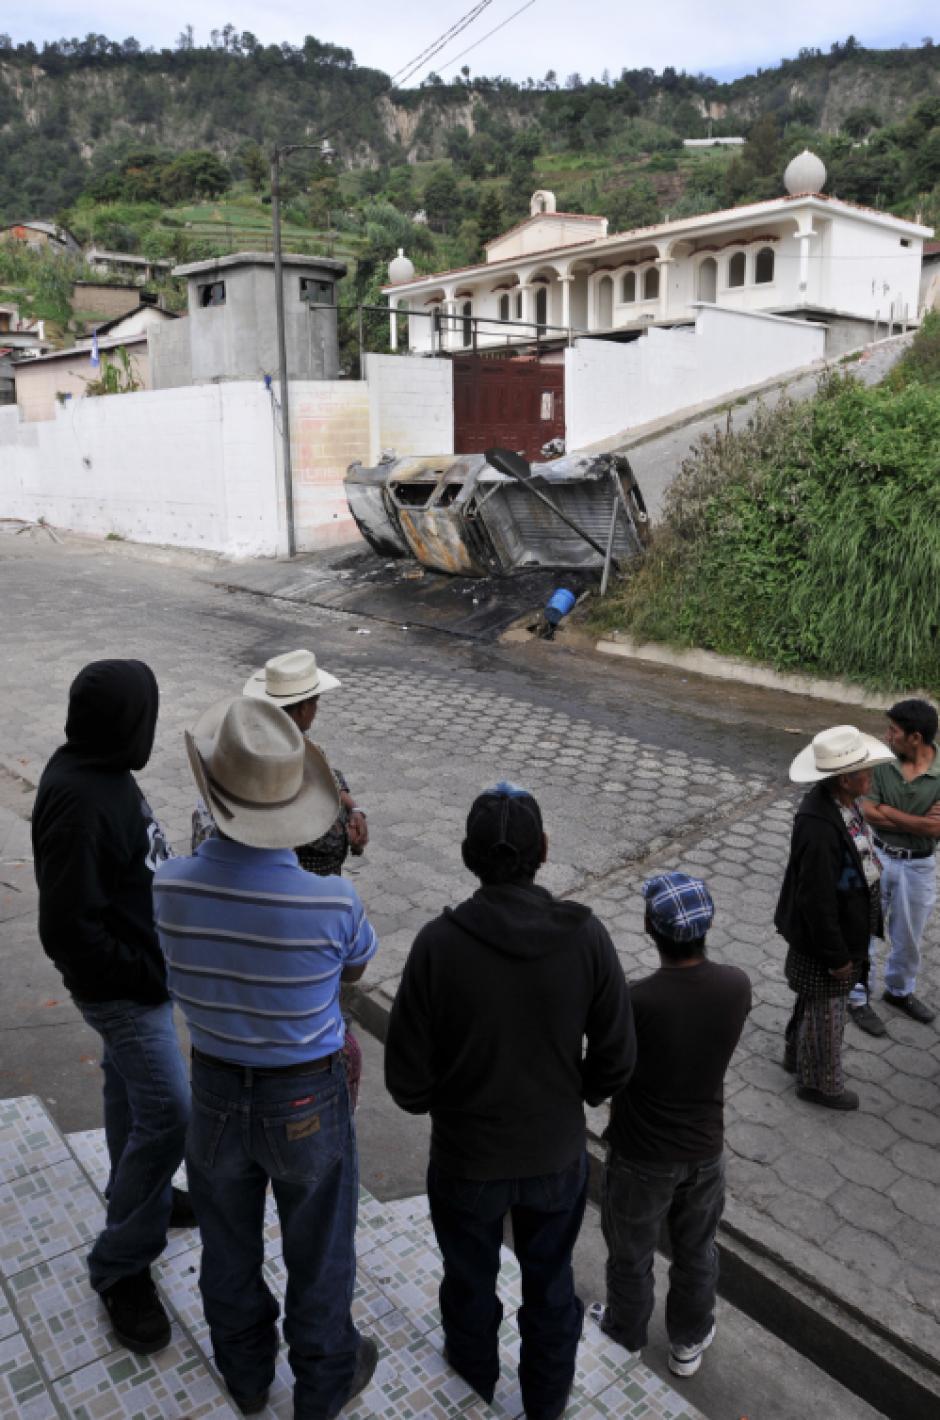 Pobladores observan el vehículo que fue incendiado en Concepción, Sololá, este lunes se vive una tensa calma en el lugar. (Foto: Alan Lima/Nuestro Diario)